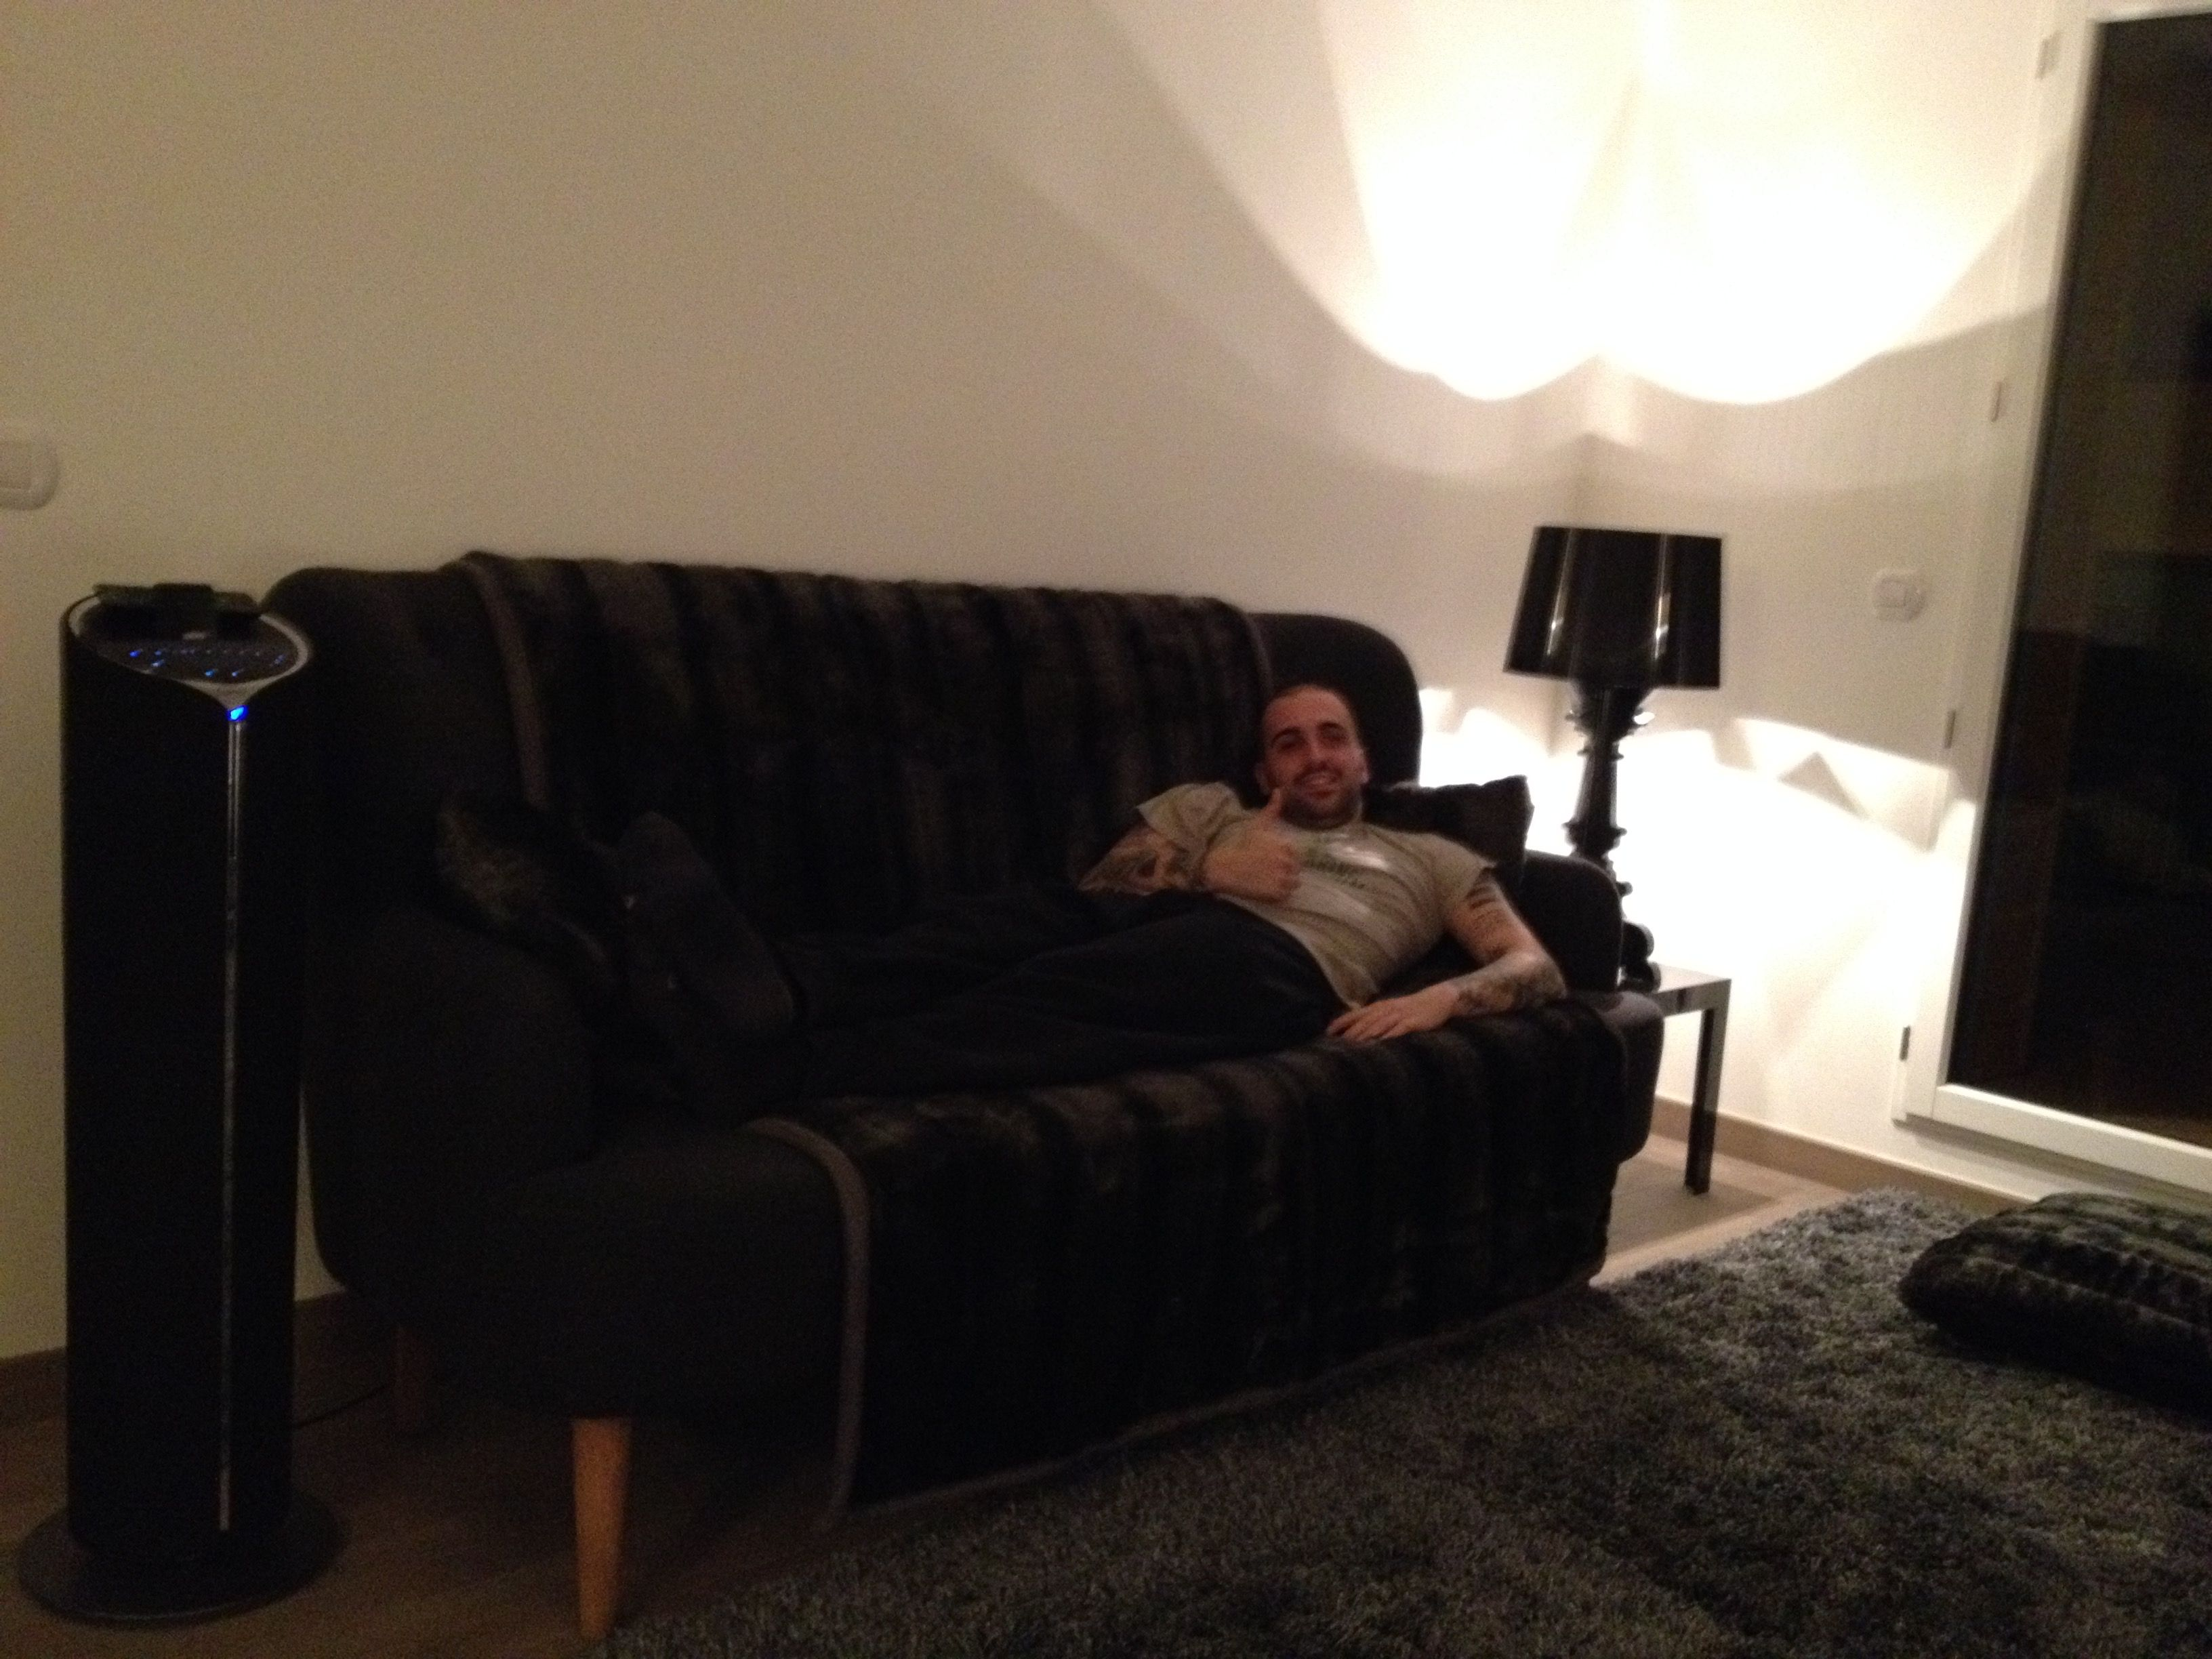 Lampade soggiorno ~ Relax nel mio soggiorno con le mie adorate lampade kartell home